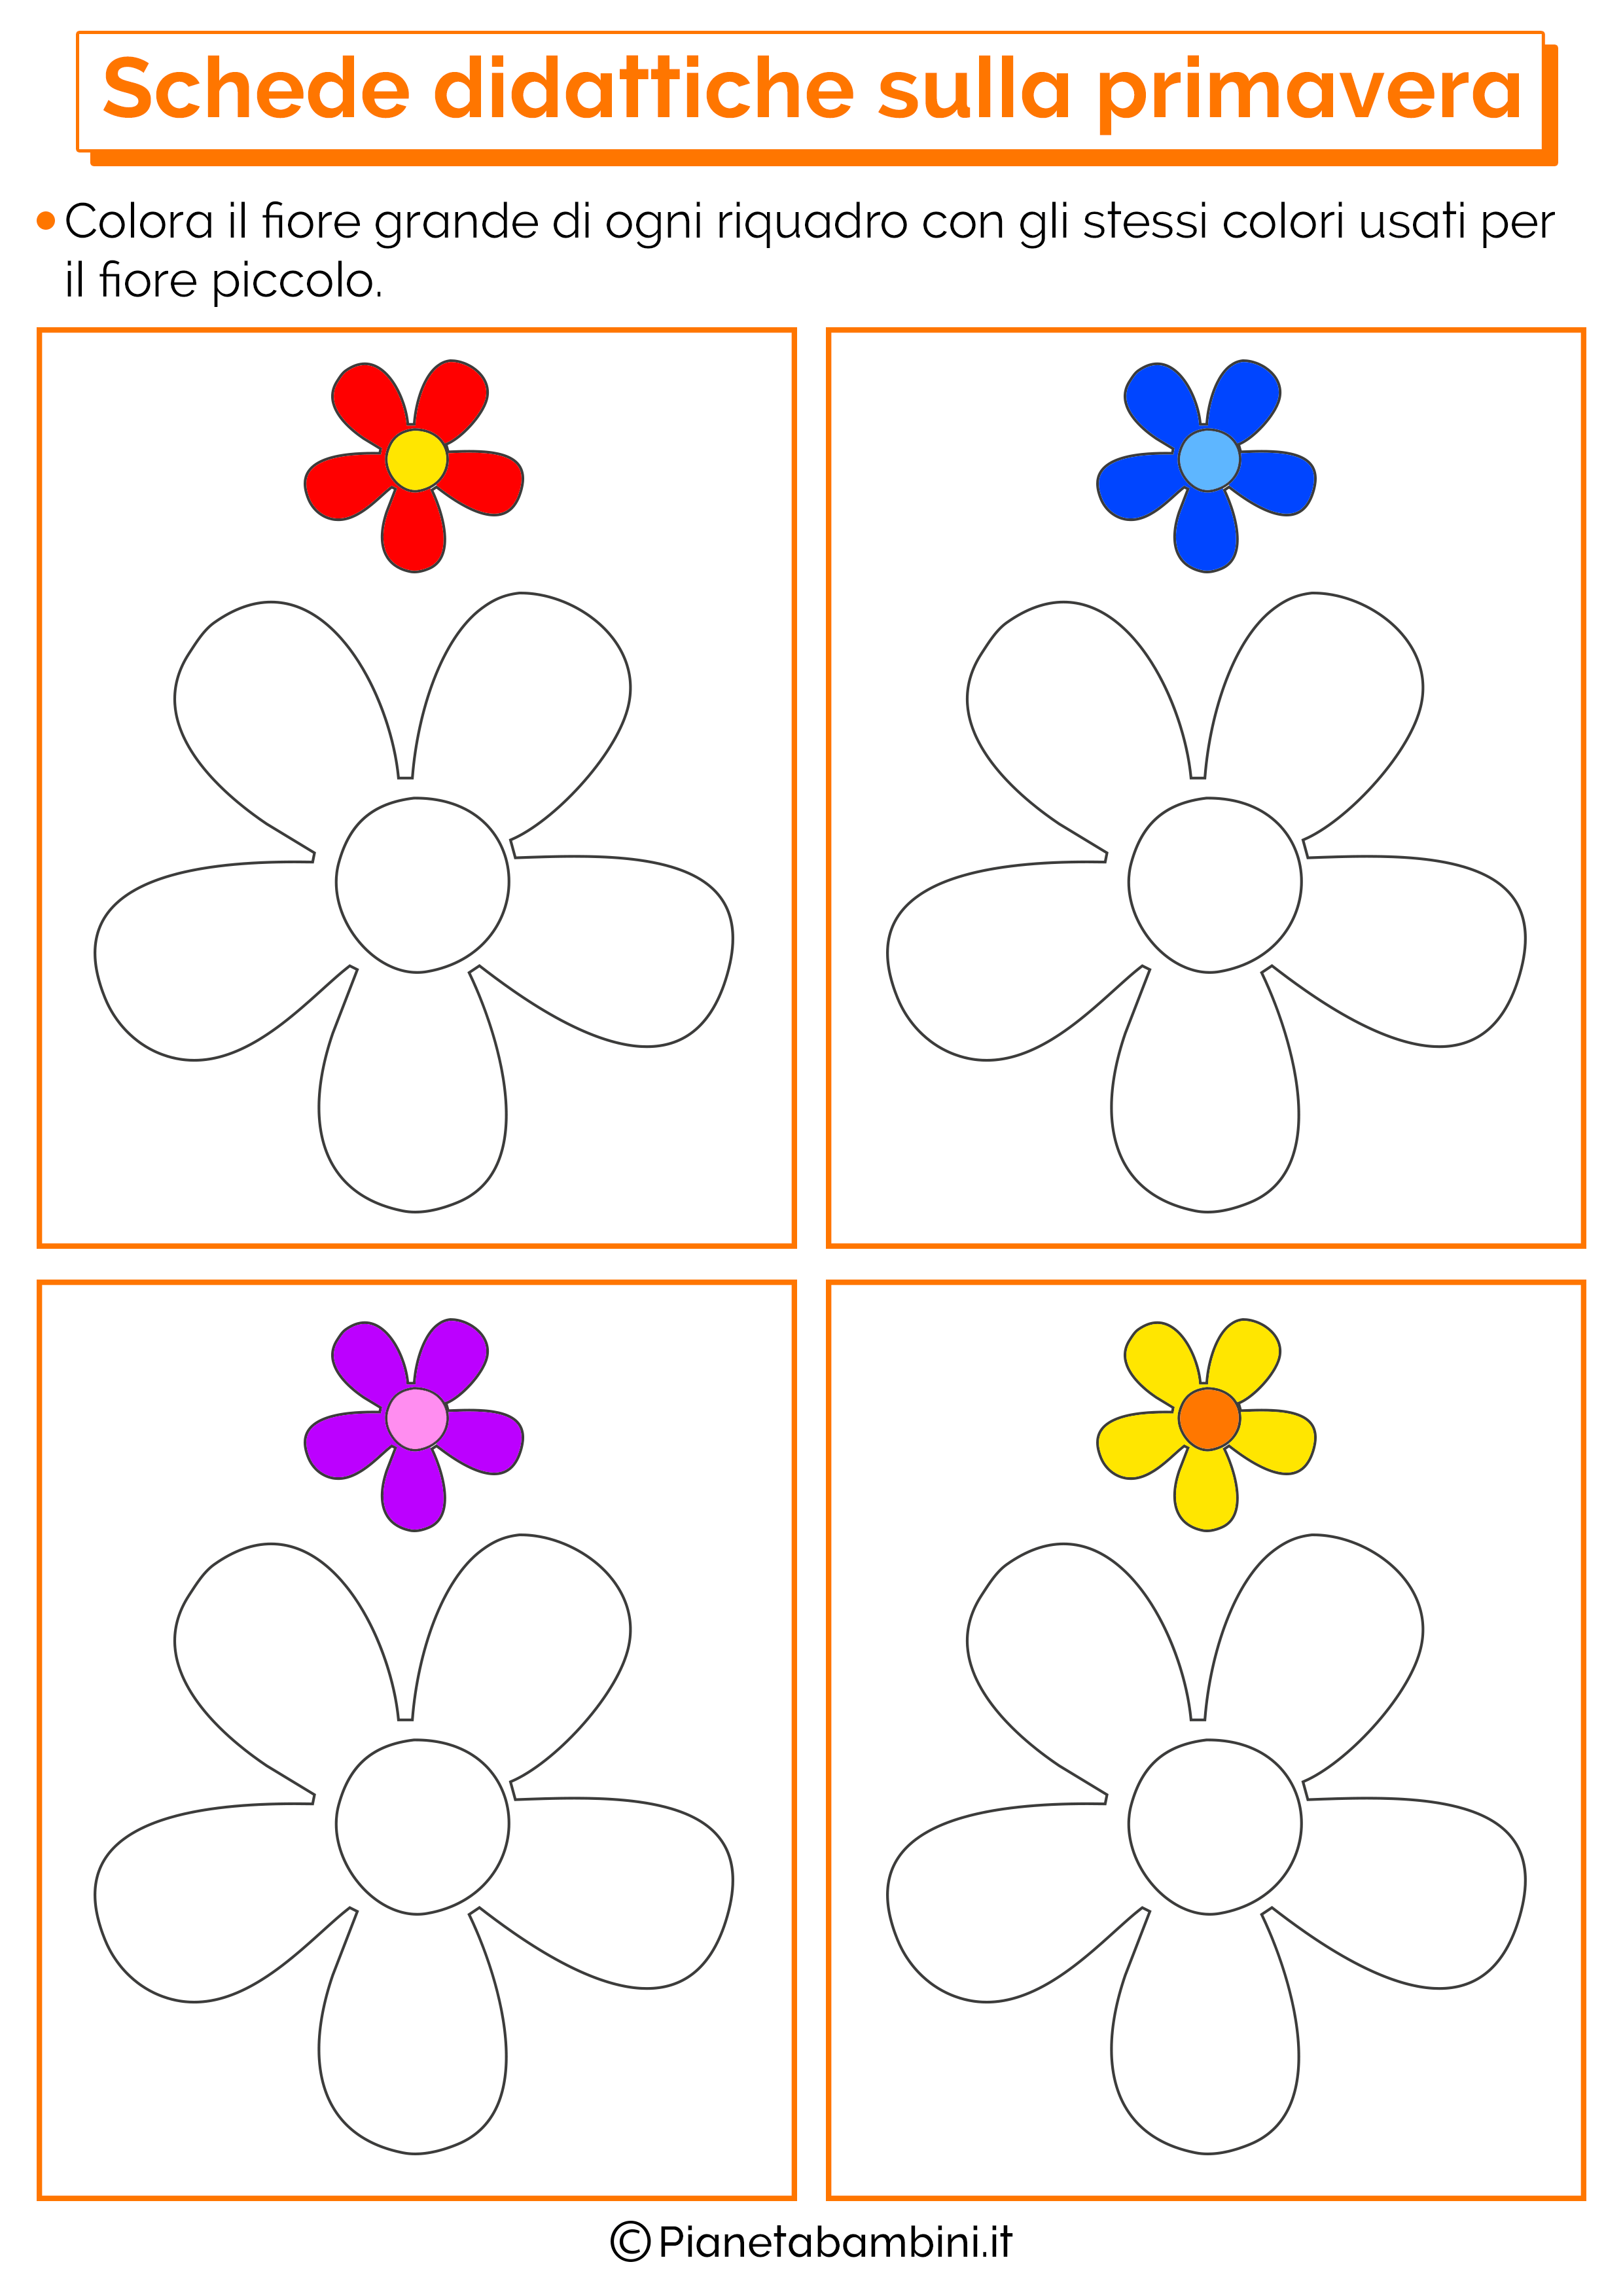 Favorito Risultati immagini per schede didattiche primavera scuola infanzia  BK71